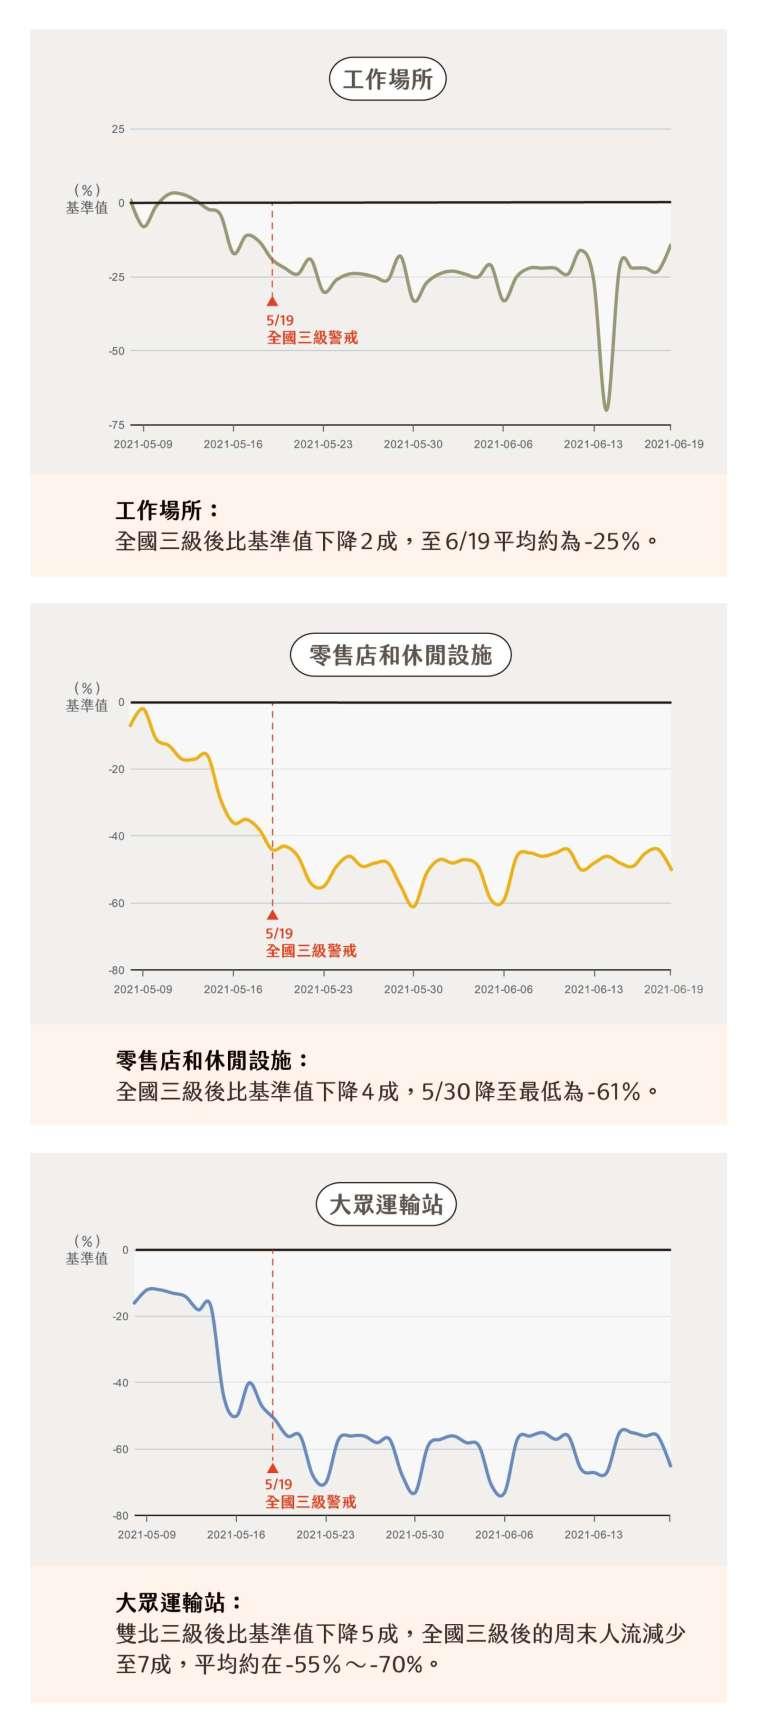 三級警戒沒有強制禁足,但整體來看,臺灣民眾自律、減少非必要外出,實施一週後幾乎已達到「自主軟封城」。(本圖取用 2021.5.8~2021.6.19 的 Google 數值。「Google 社區人流報告」統計各國每週人流趨勢,包含雜貨店和藥局、零售店和休閒設施、大眾運輸站、公園、工作場所、住宅區等六大場所,並以 2020.1.3-2.6 一週內每天的中位數做為基準值。) 圖│研之有物(資料來源│Google 社區人流報告)